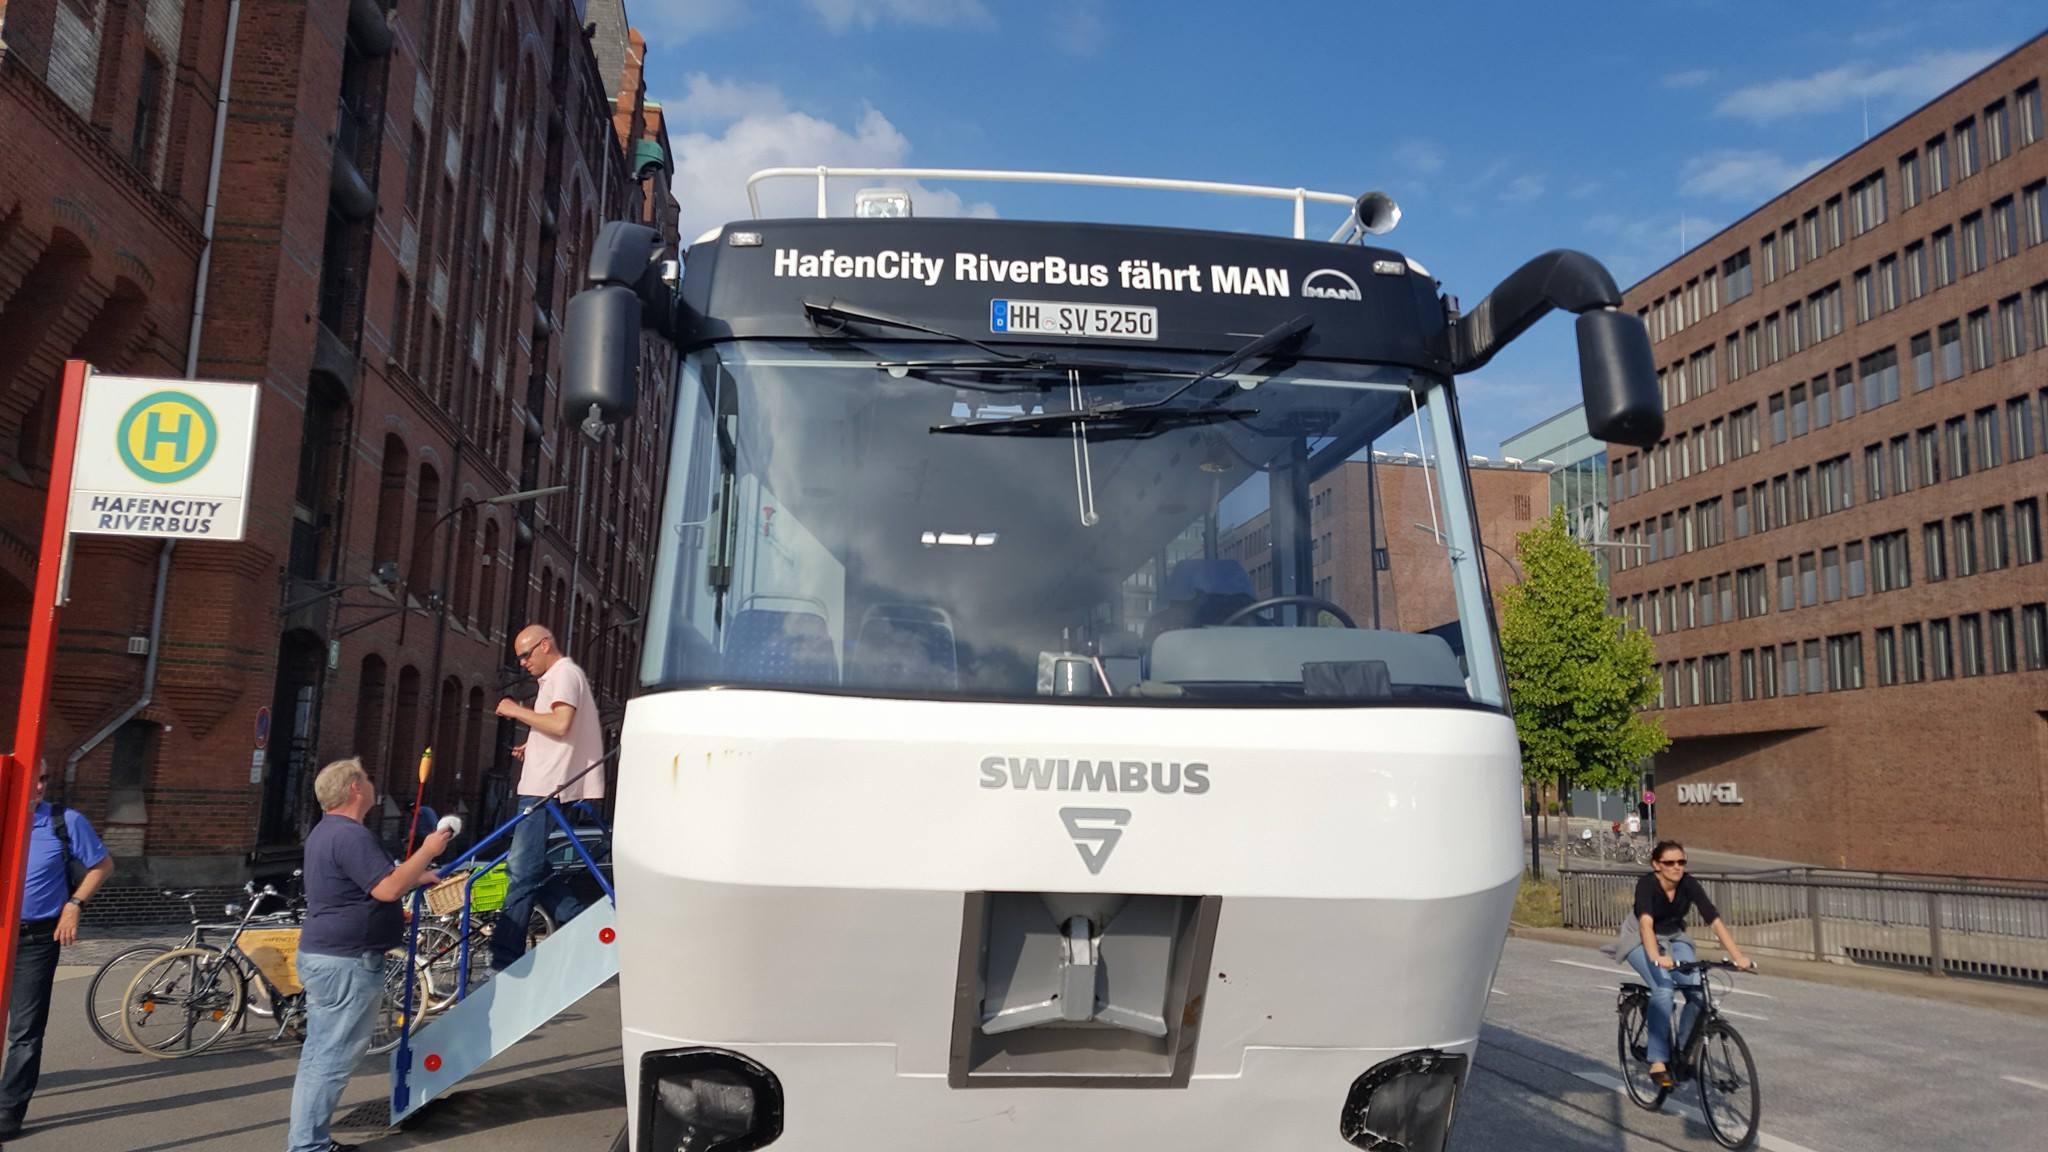 hafencity riverbus 4 crazy station. Black Bedroom Furniture Sets. Home Design Ideas